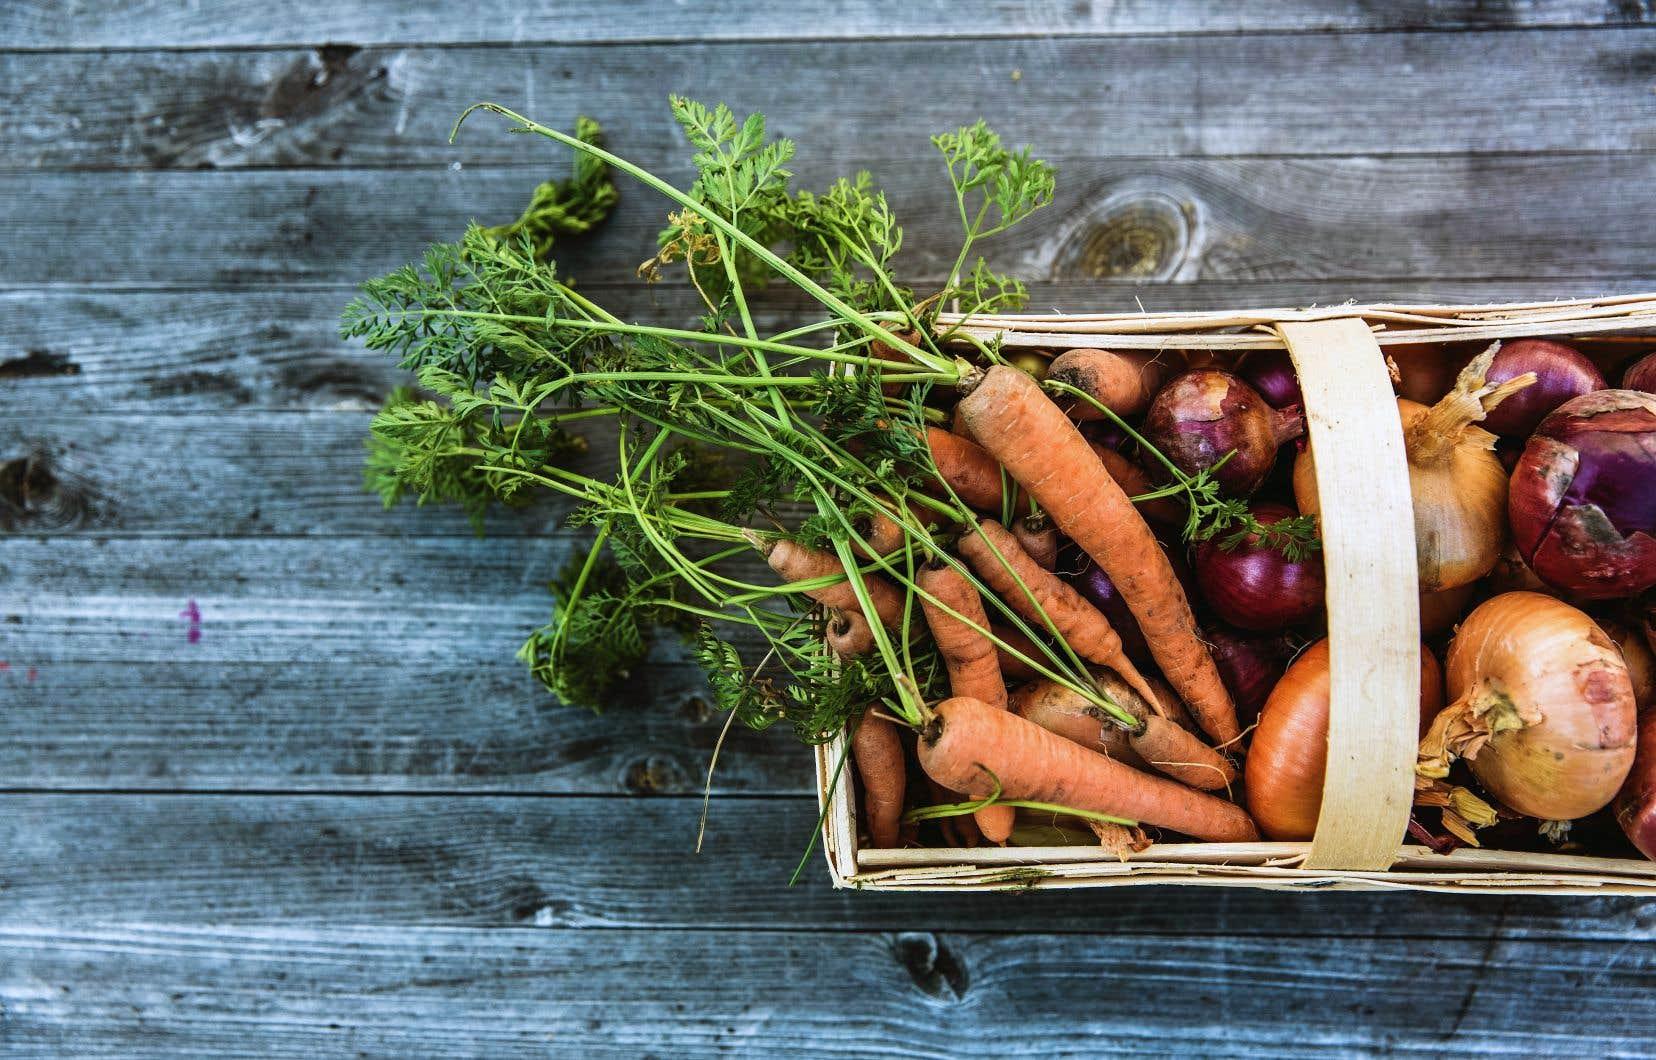 Bio ou pas bio, un bon lavage à l'eau froide des fruits et des légumes est toujours de mise. On le fait bien entendu au dernier moment, lorsqu'on s'apprête à les cuisiner ou à les consommer.